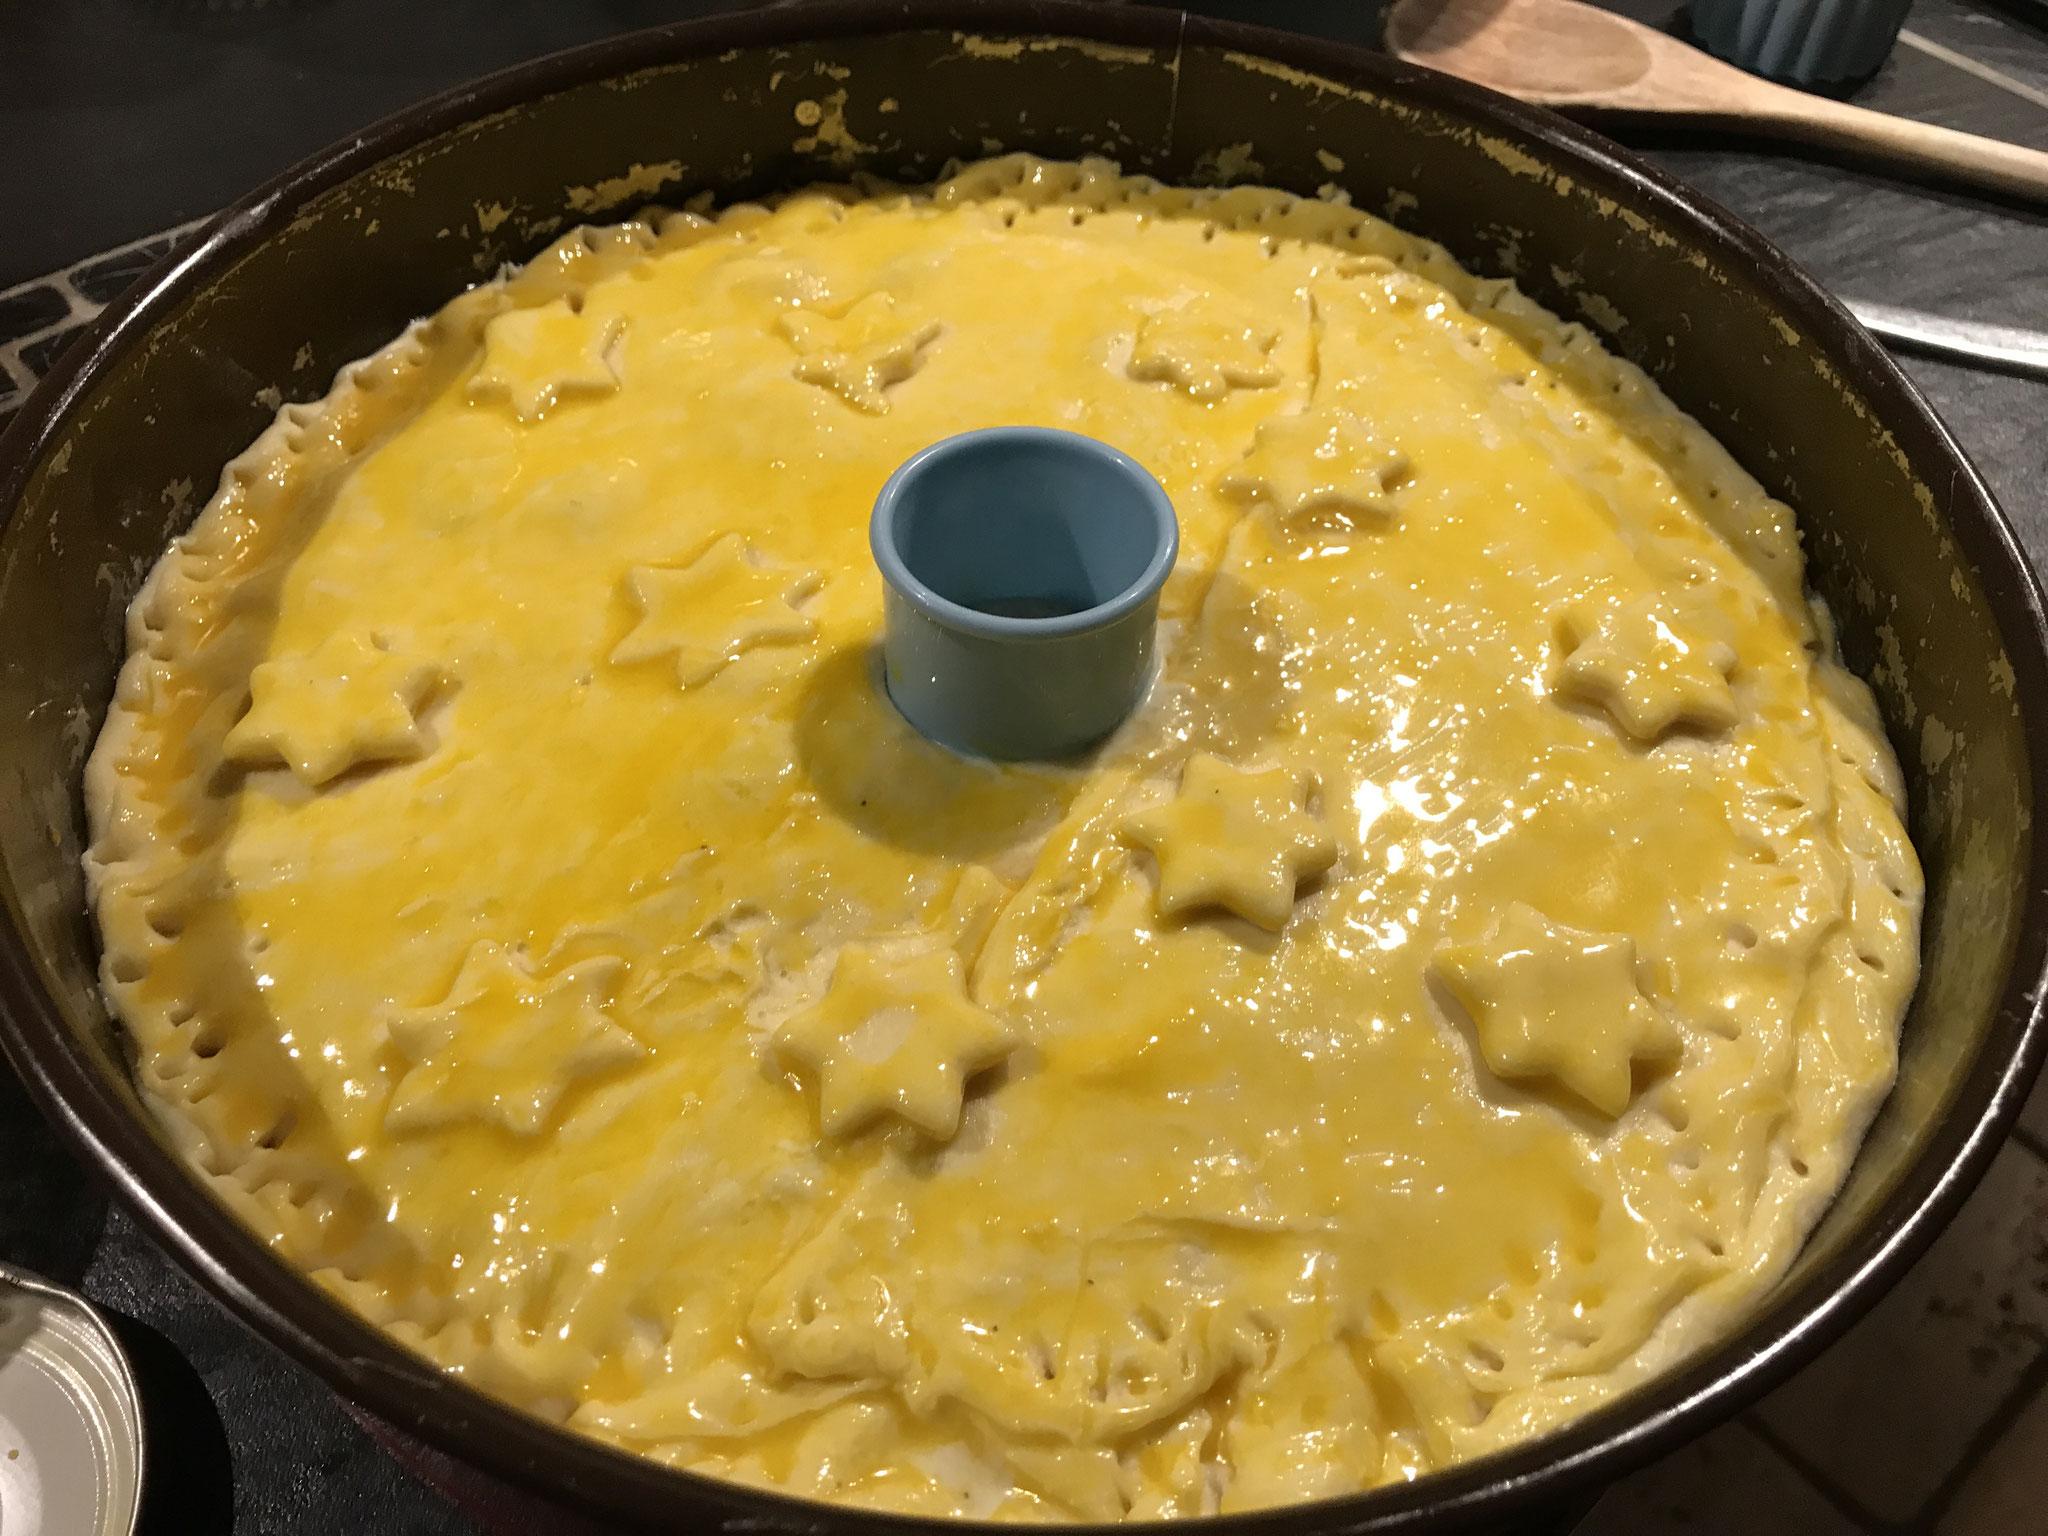 couvrir avec la deuxième pâte en laissant un petit trou au milieu (cheminée), coller les bord avec un peu d'eau, dorer au jaune d'oeuf